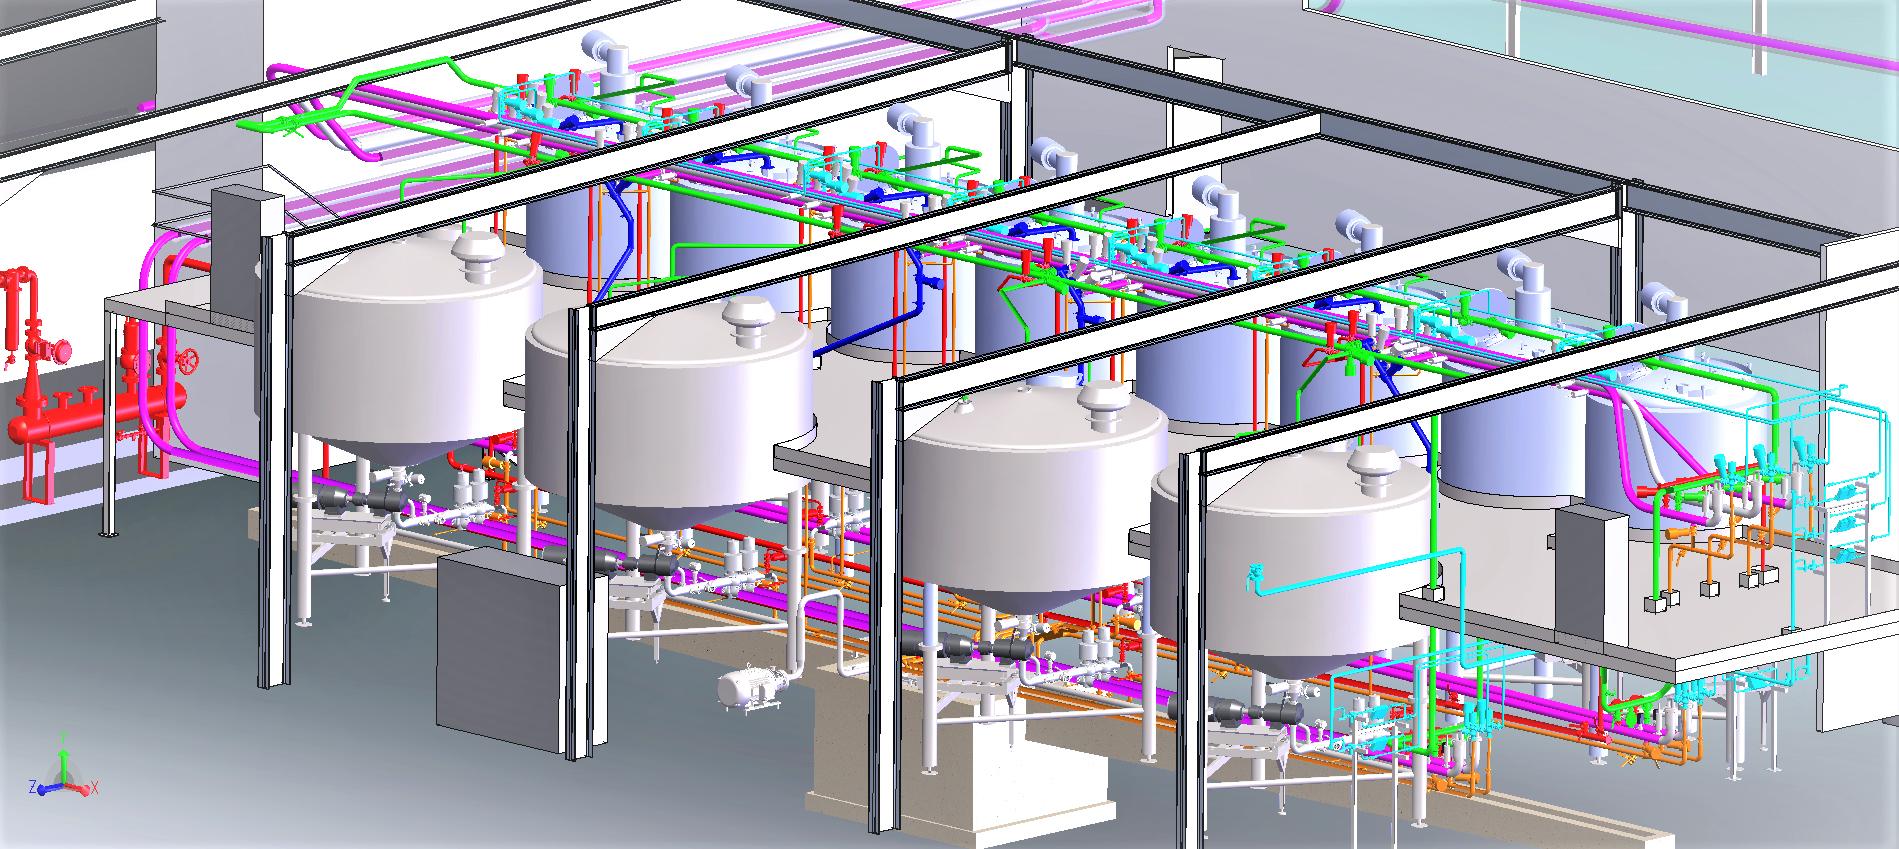 Construction salle de stockage produits finis<br>APD/dossier d'exécution